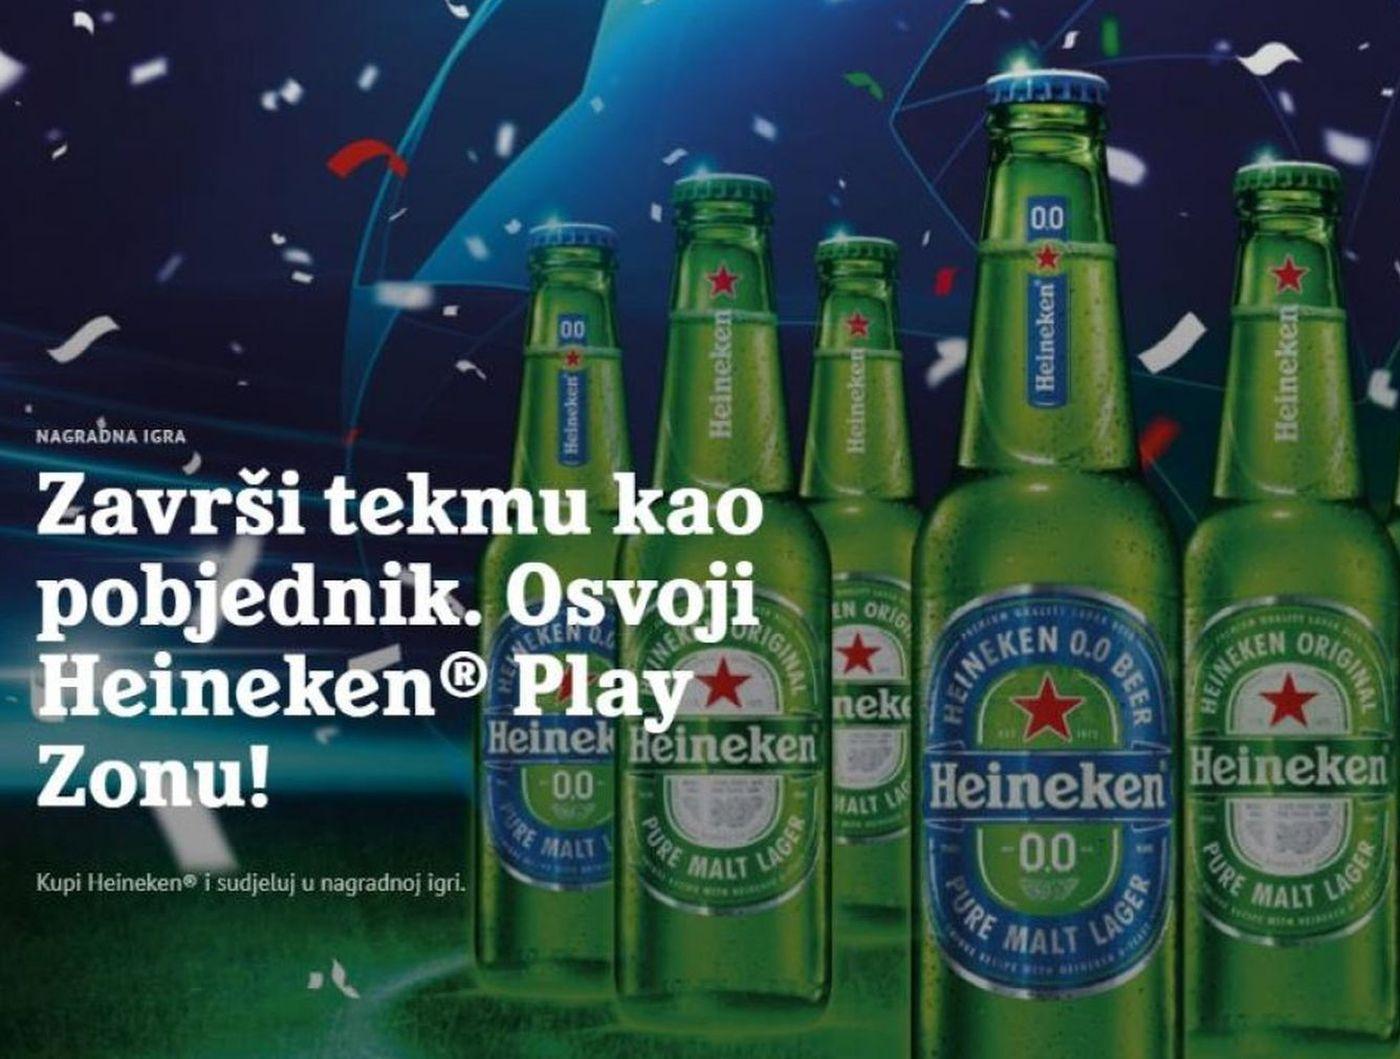 Heineken nagradna igra 2021.